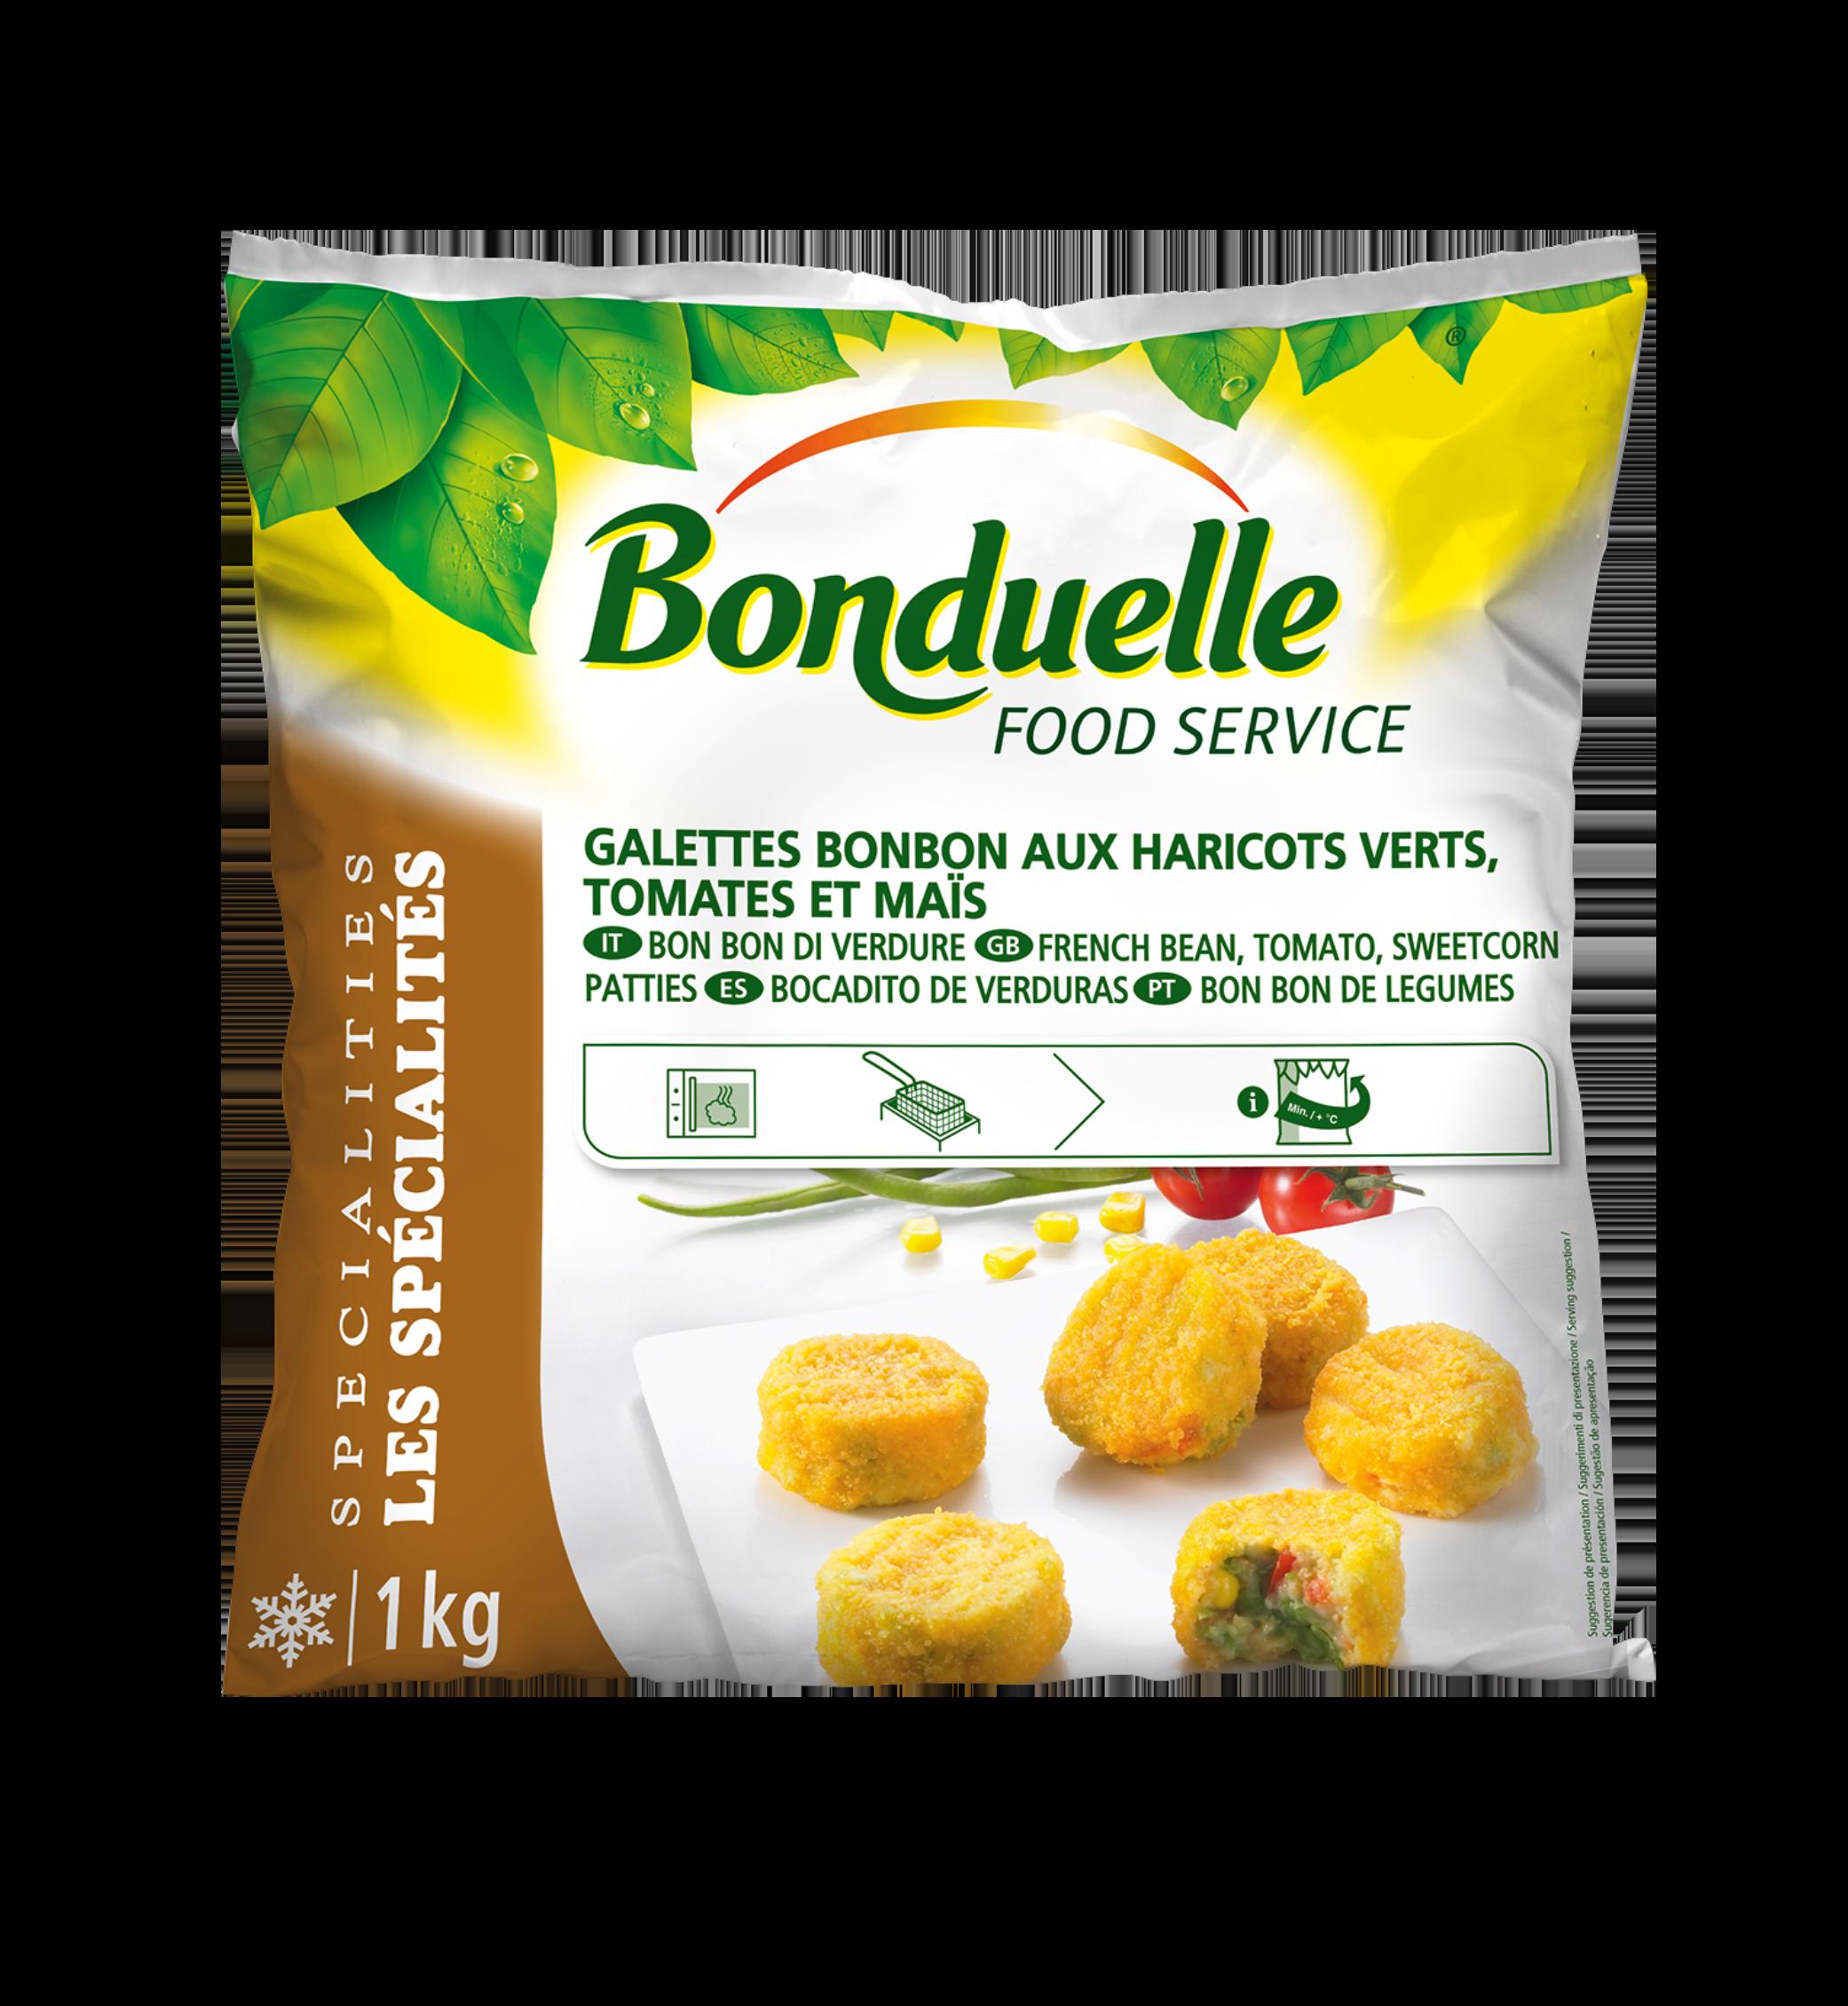 bon-bon-de-legumes